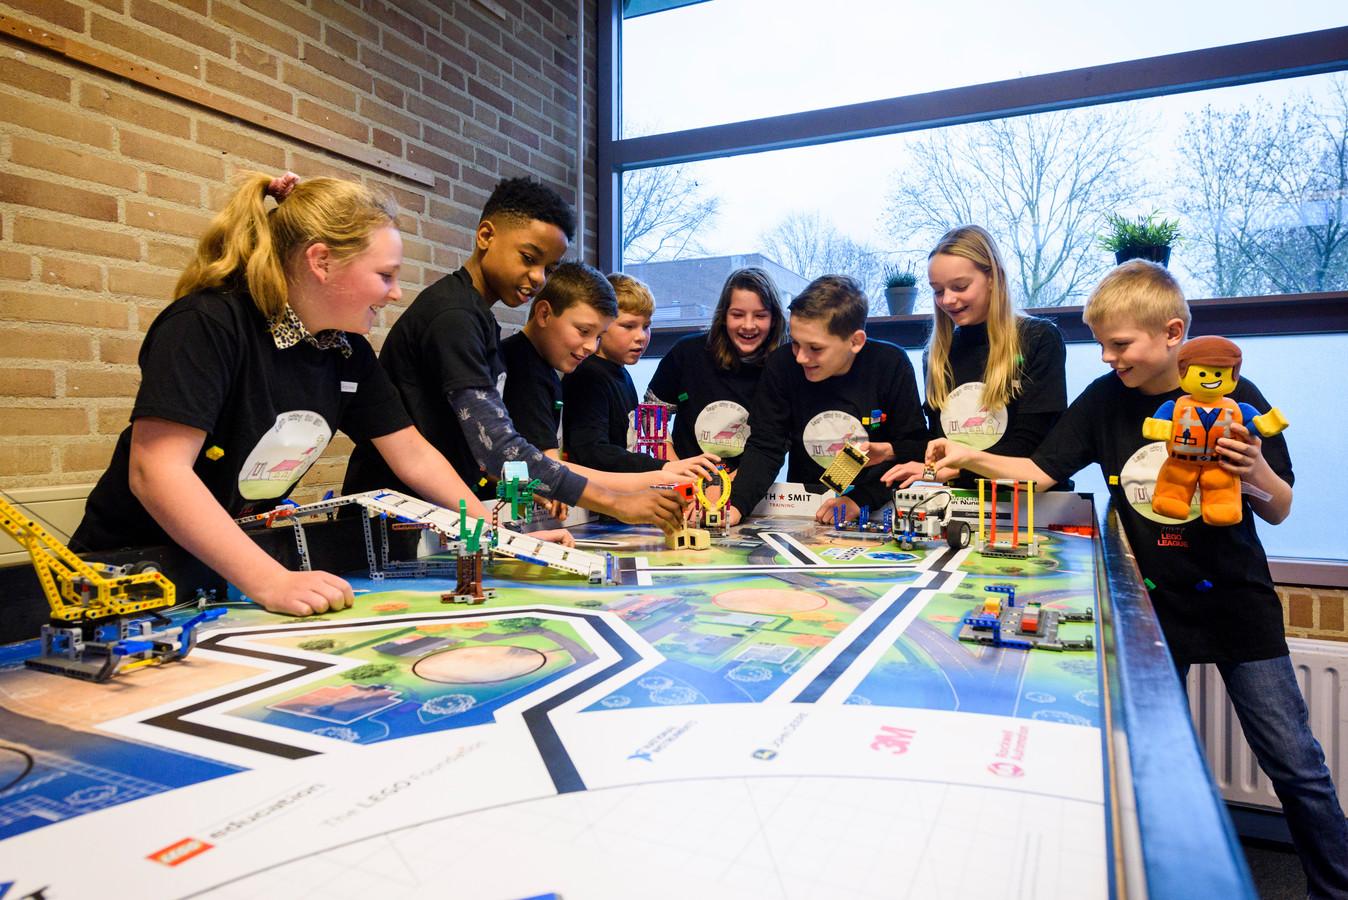 Het team Lego City To Go bedacht een plan voor de kerk in Oerle en won daar zaterdag de regiofinale van de First Lego League mee.